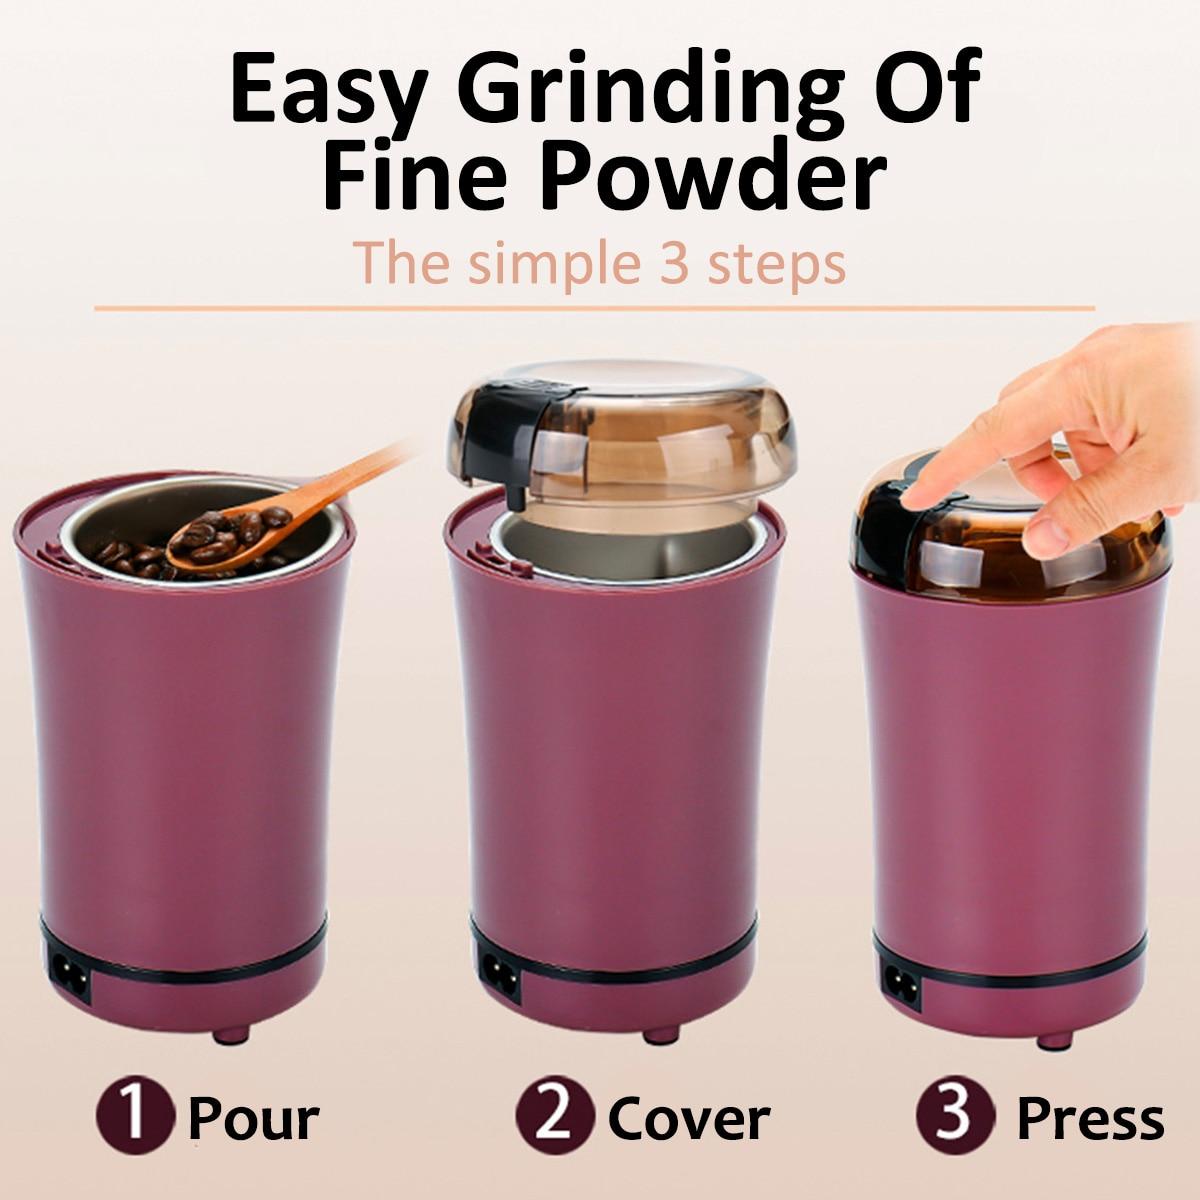 800 Вт мини кухонный измельчитель соли и перца электрическая кофемолка мощные бобы специи орех семян кофе в зернах мельница для измельчения ...